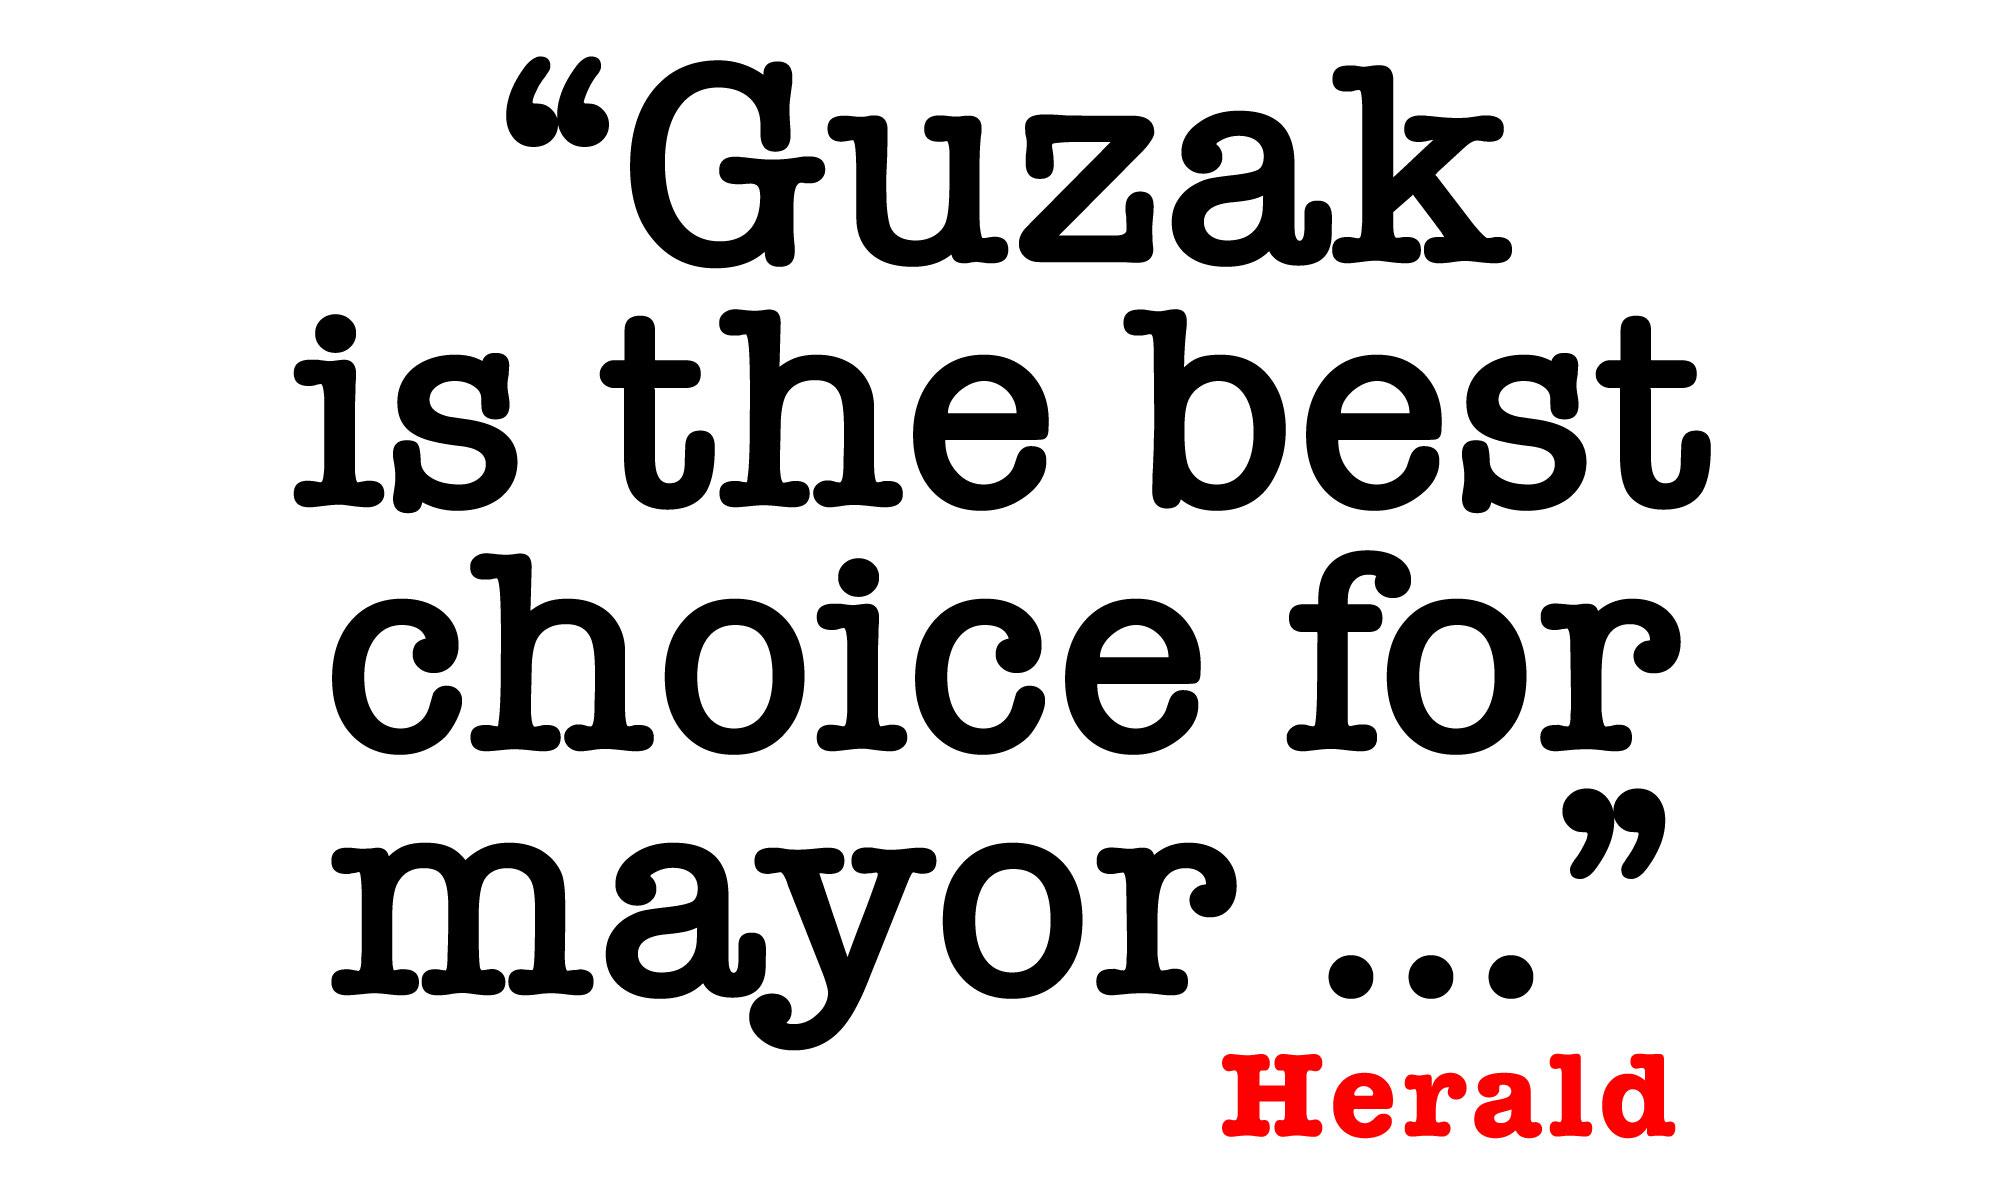 Councilmember Karen Guzak